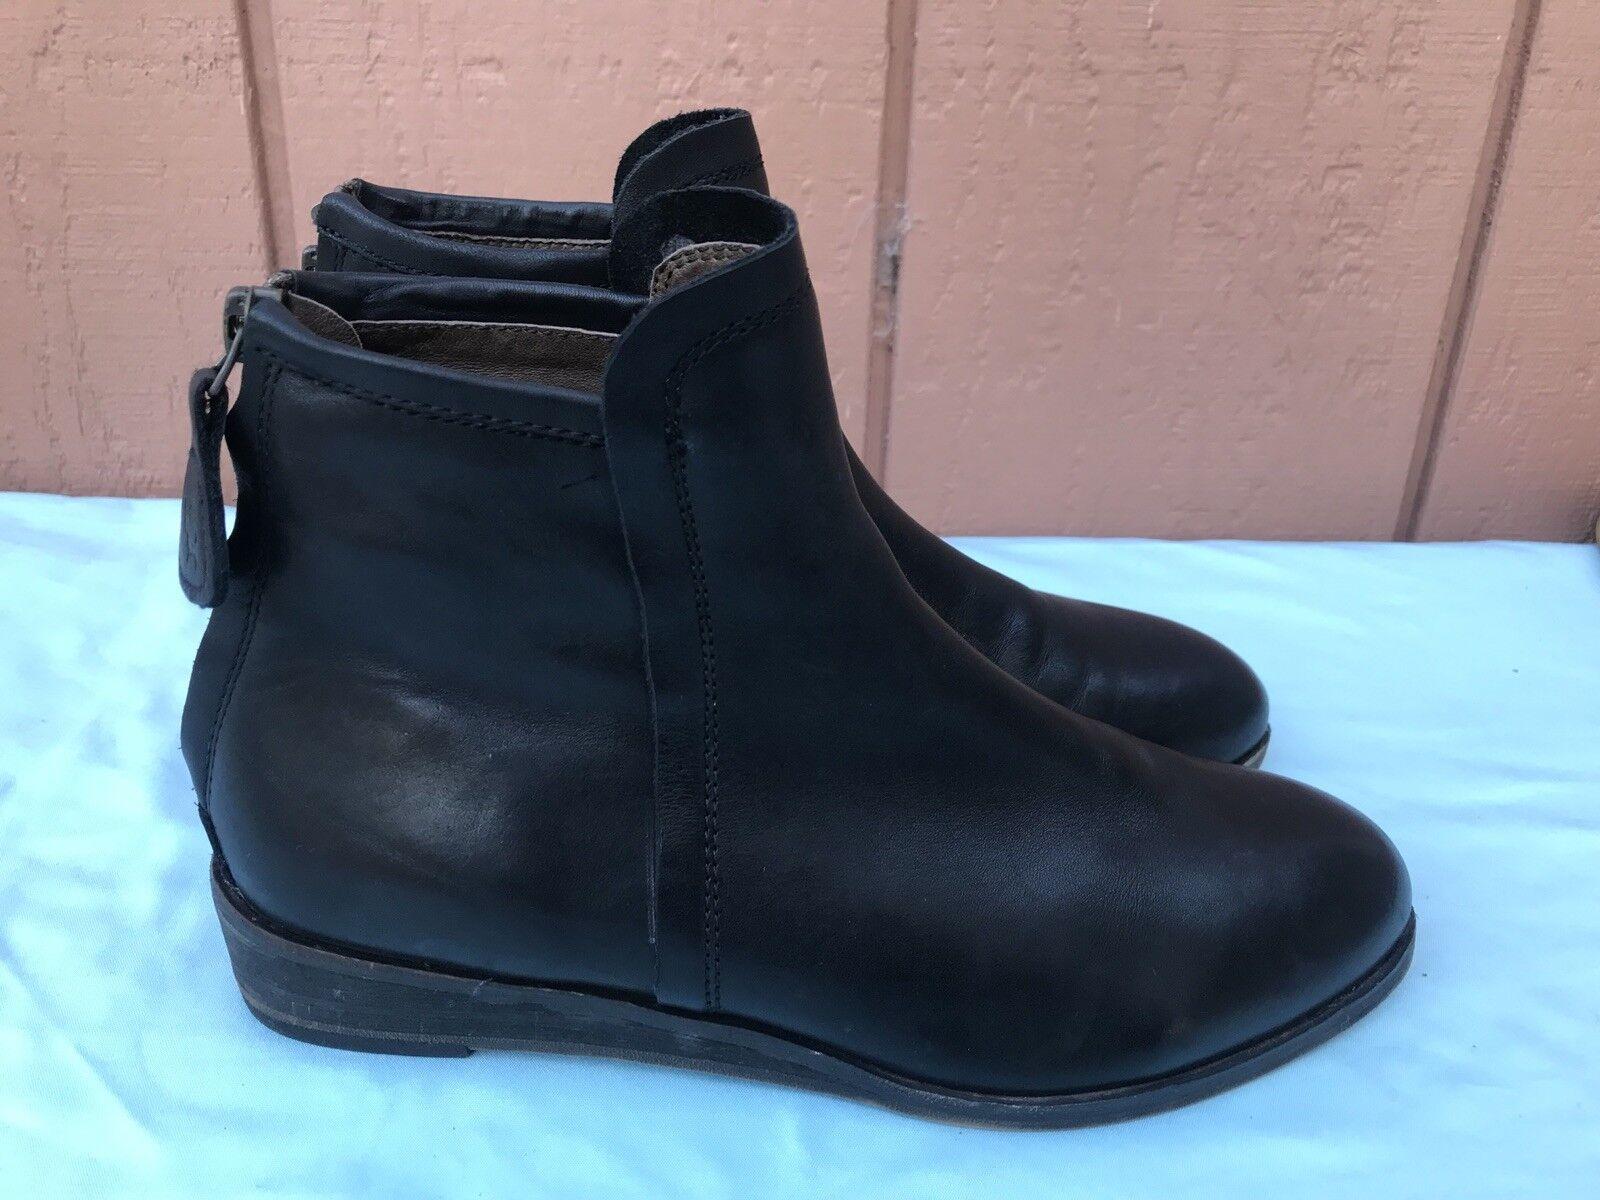 ordina ora i prezzi più bassi RARE VINTAGE GEE WAWA HAND MADE MADE MADE donna Dimensione US 6.5M nero Leather Ankle stivali AY  vendita online risparmia il 70%